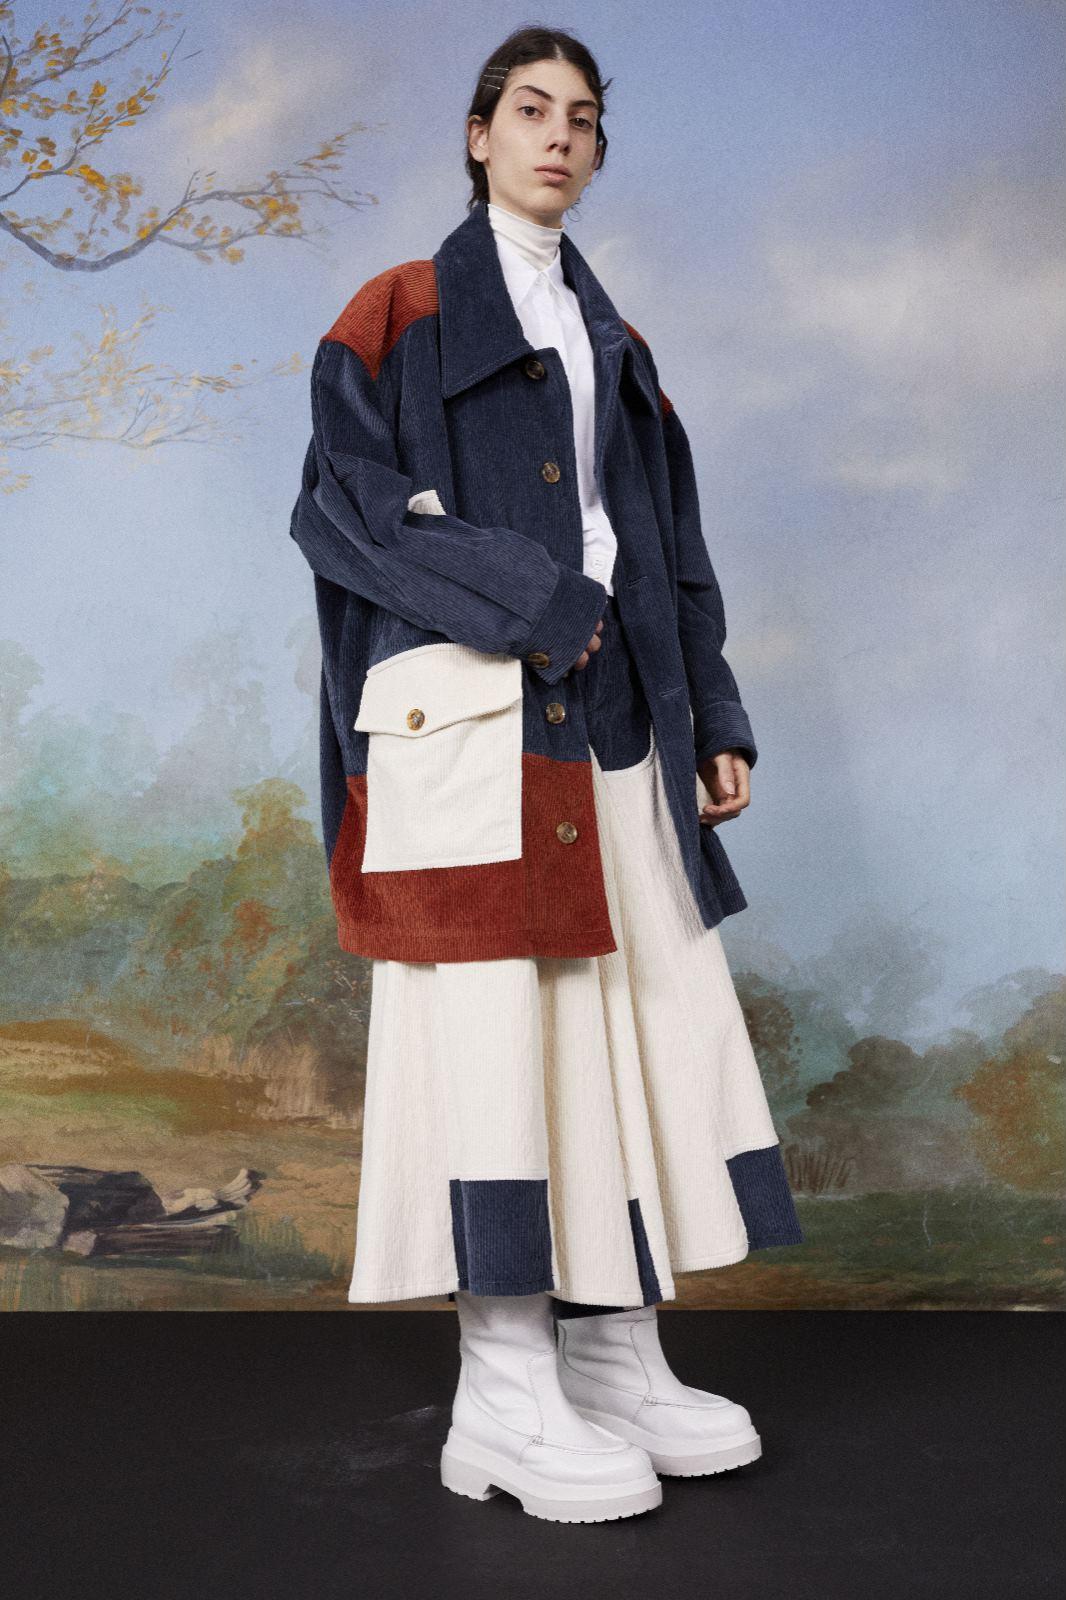 Maison Margiela发布2019 早春系列 实验、大胆、童装、放大尺寸